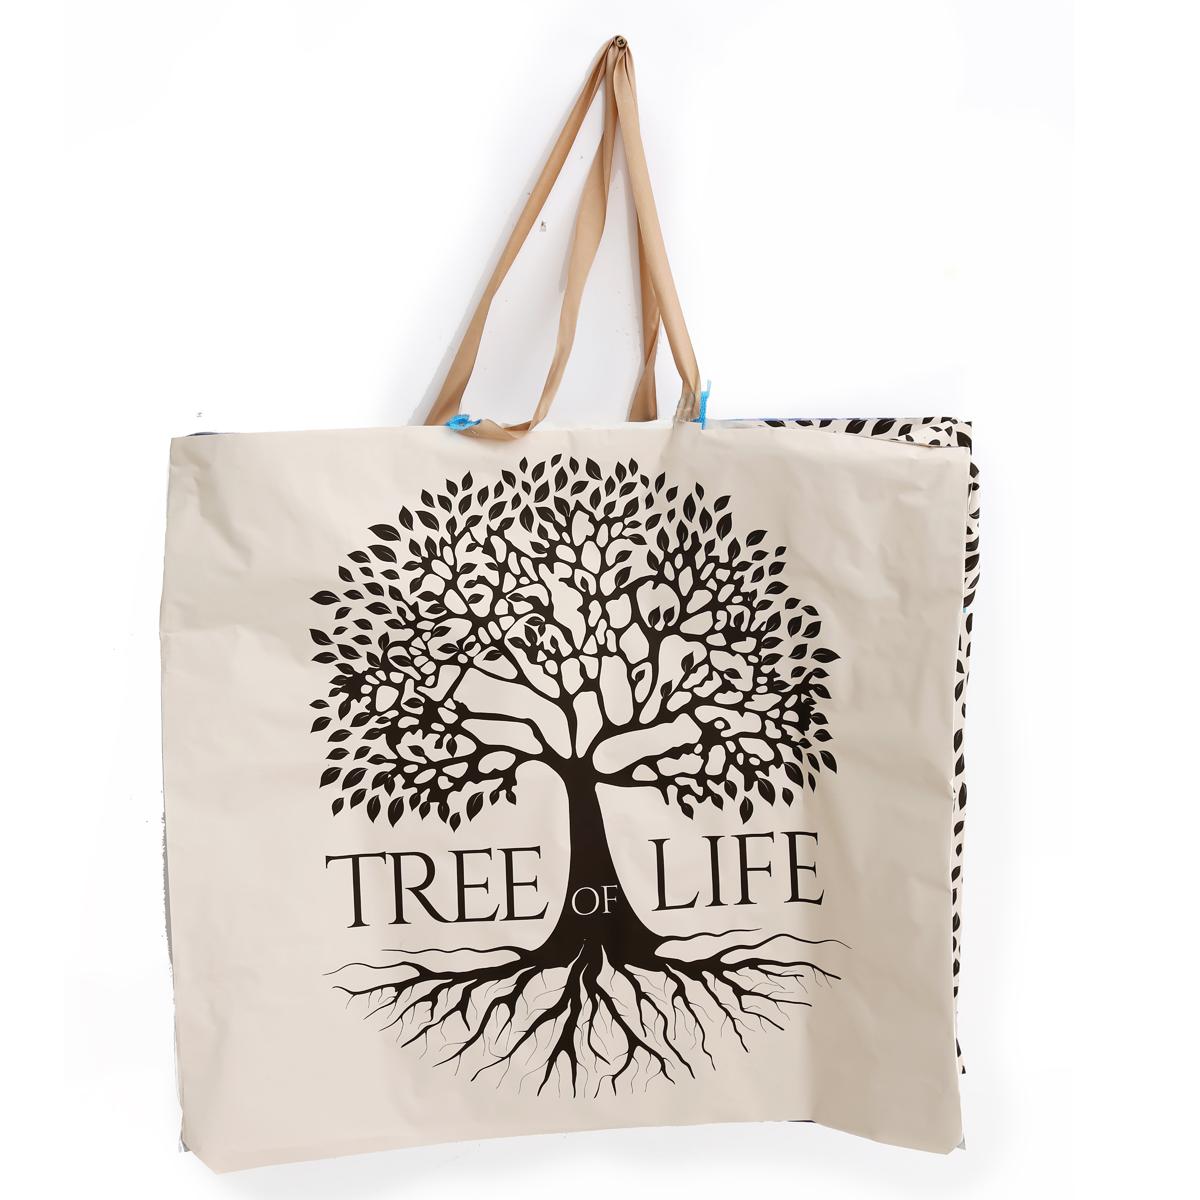 Méga sac Shopping plastique \'Arbre de Vie\' beige - 65x55x30 cm - [A3106]